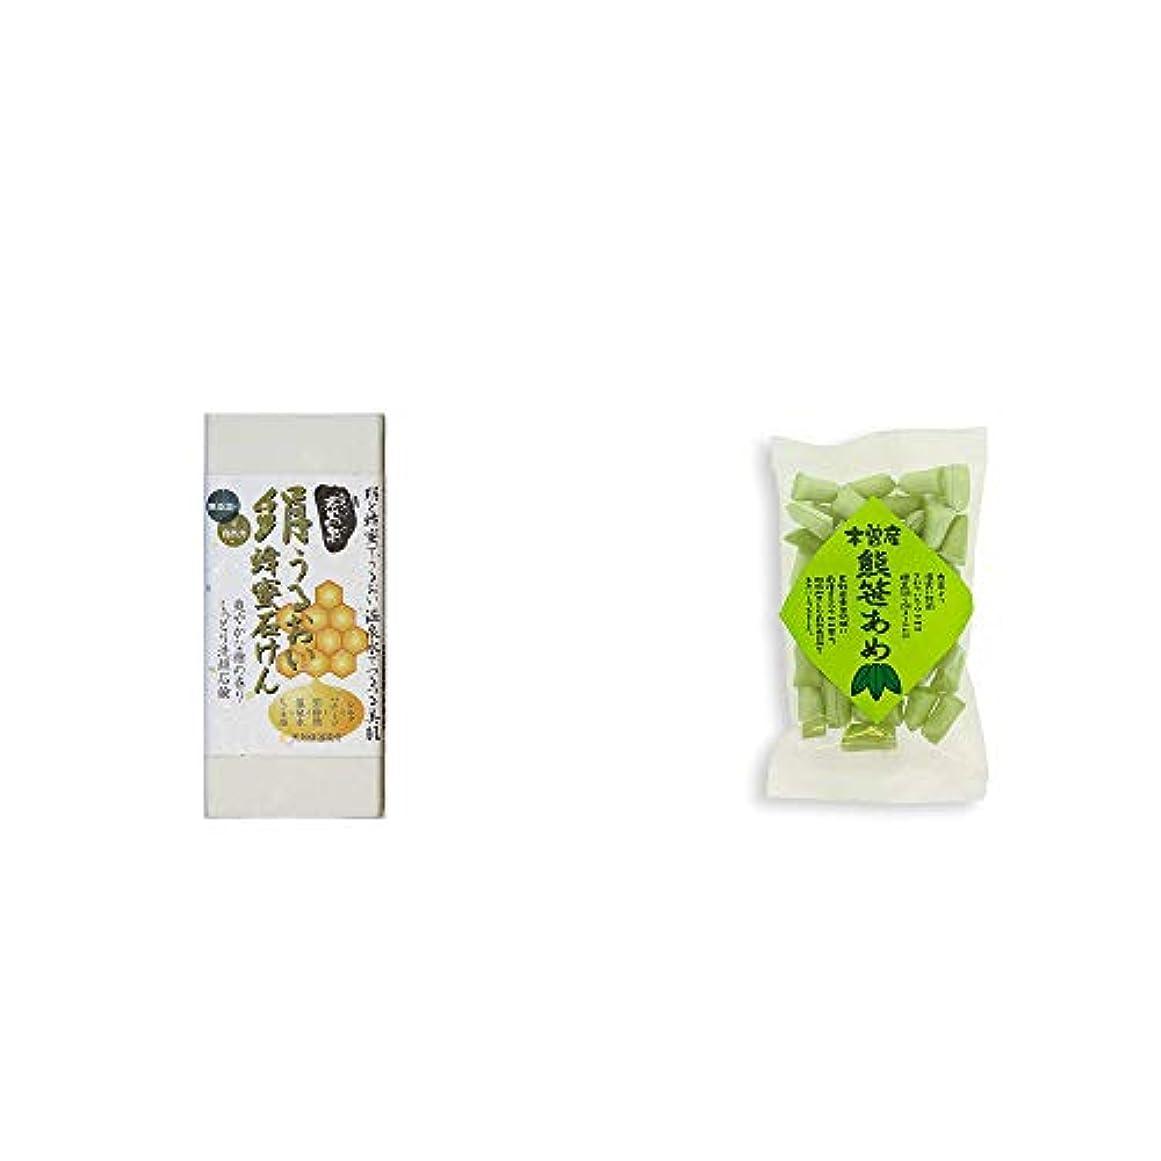 ワイド贅沢な開梱[2点セット] ひのき炭黒泉 絹うるおい蜂蜜石けん(75g×2)?木曽産 熊笹あめ(100g)